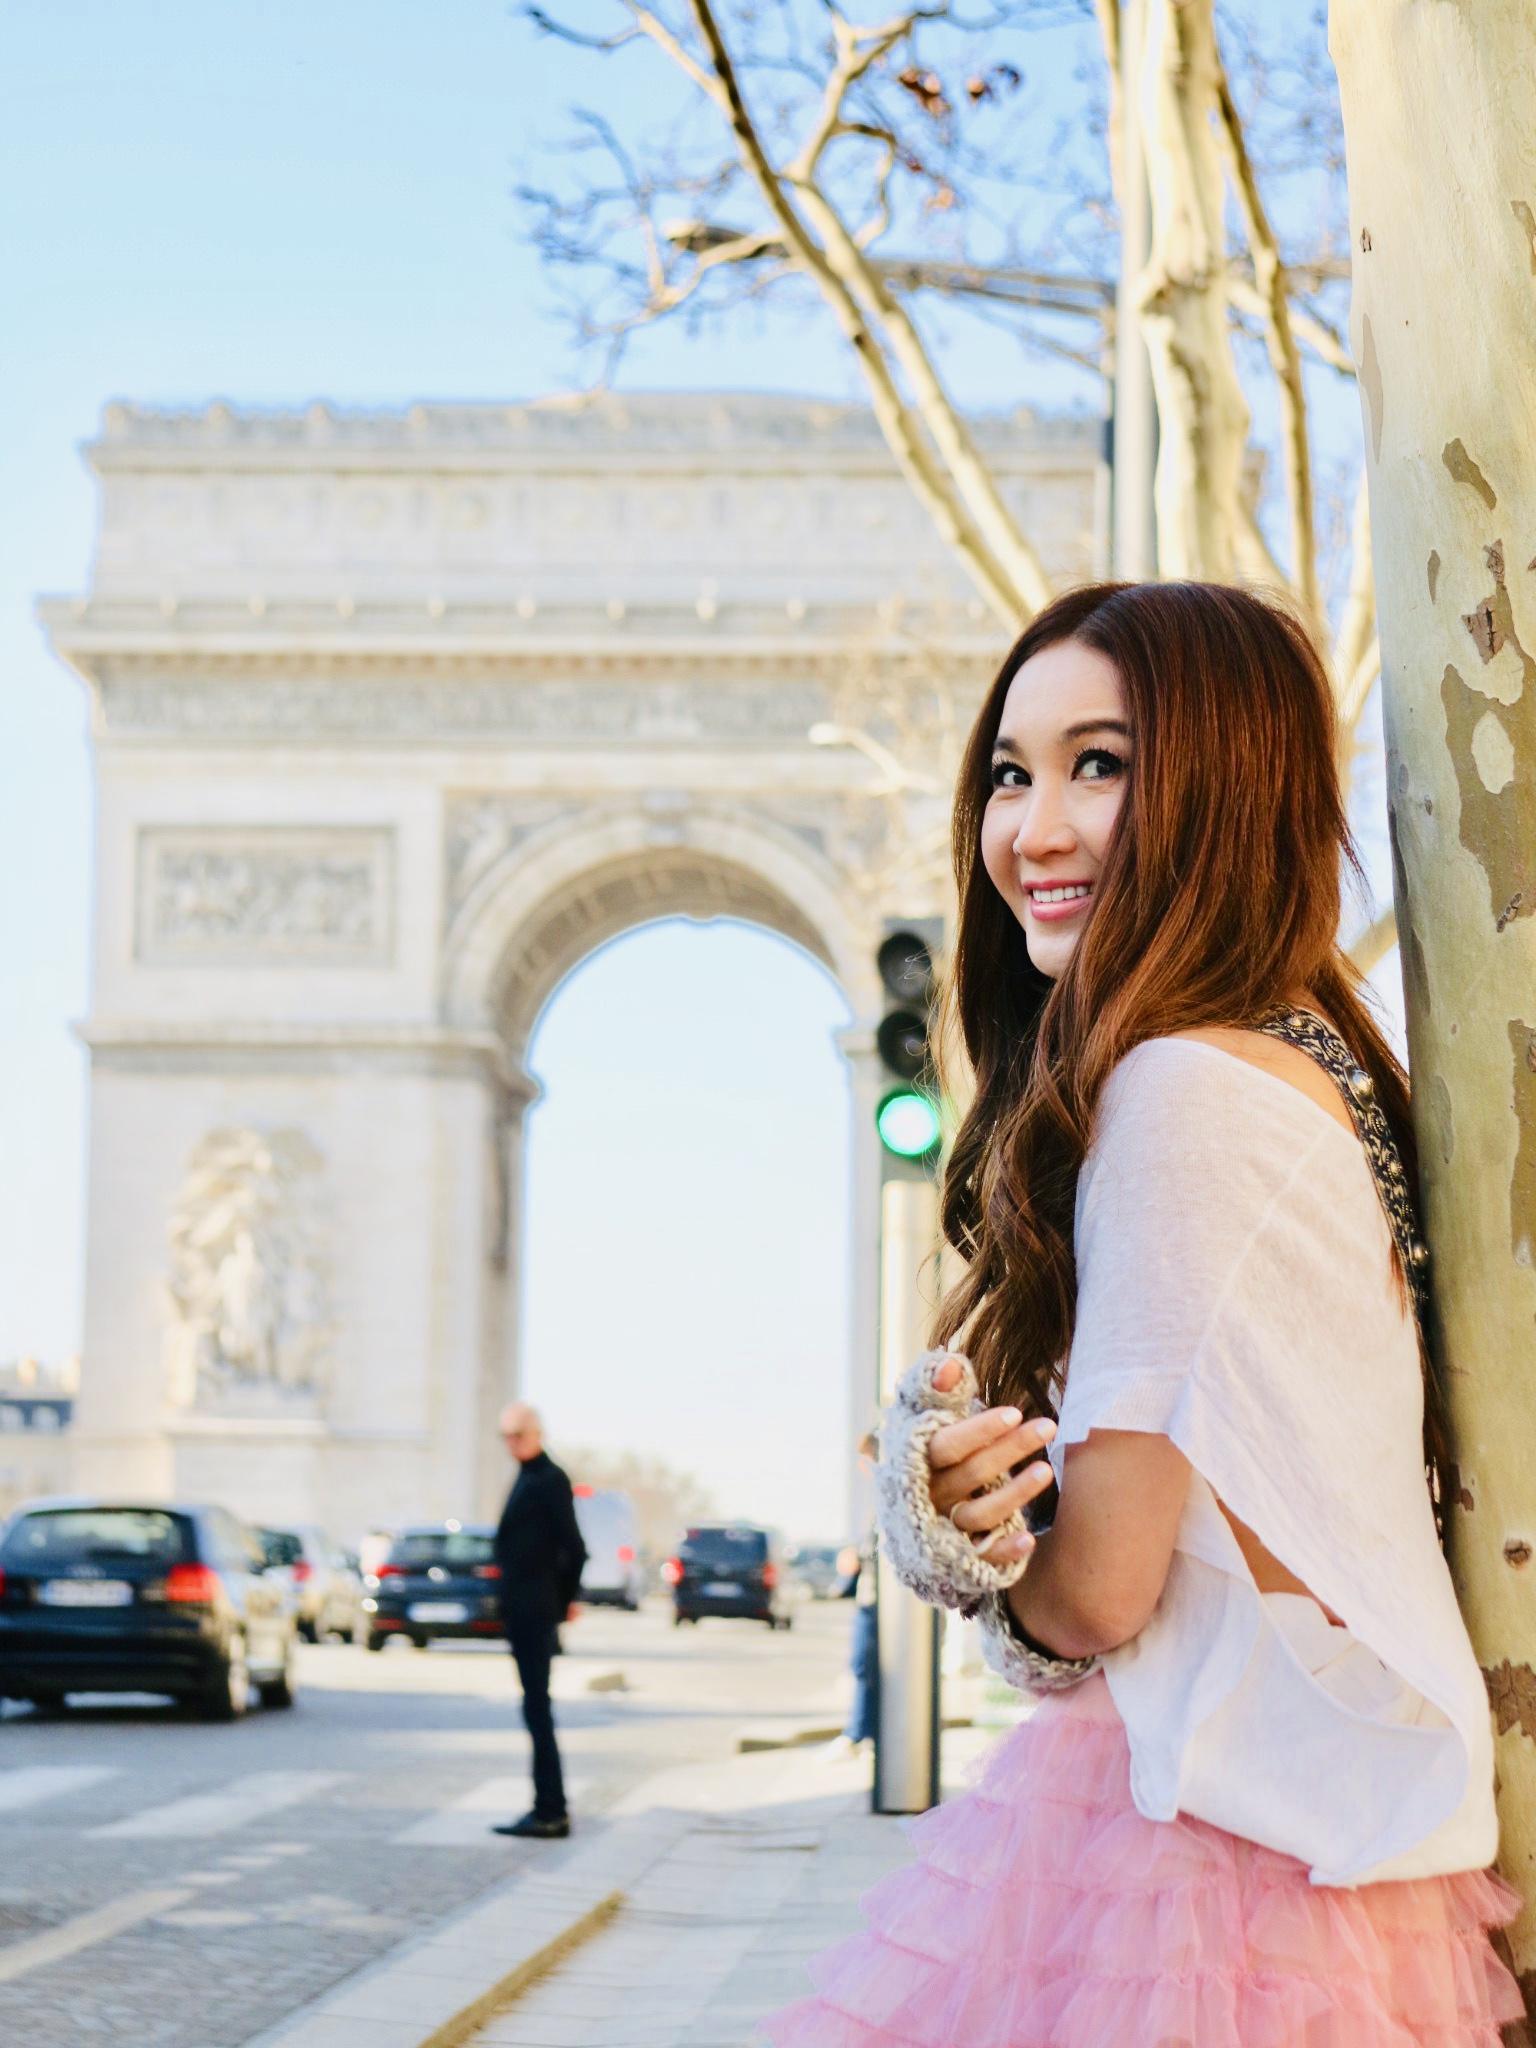 溫碧霞(Irene)到巴黎多個名勝拍照。大會提供